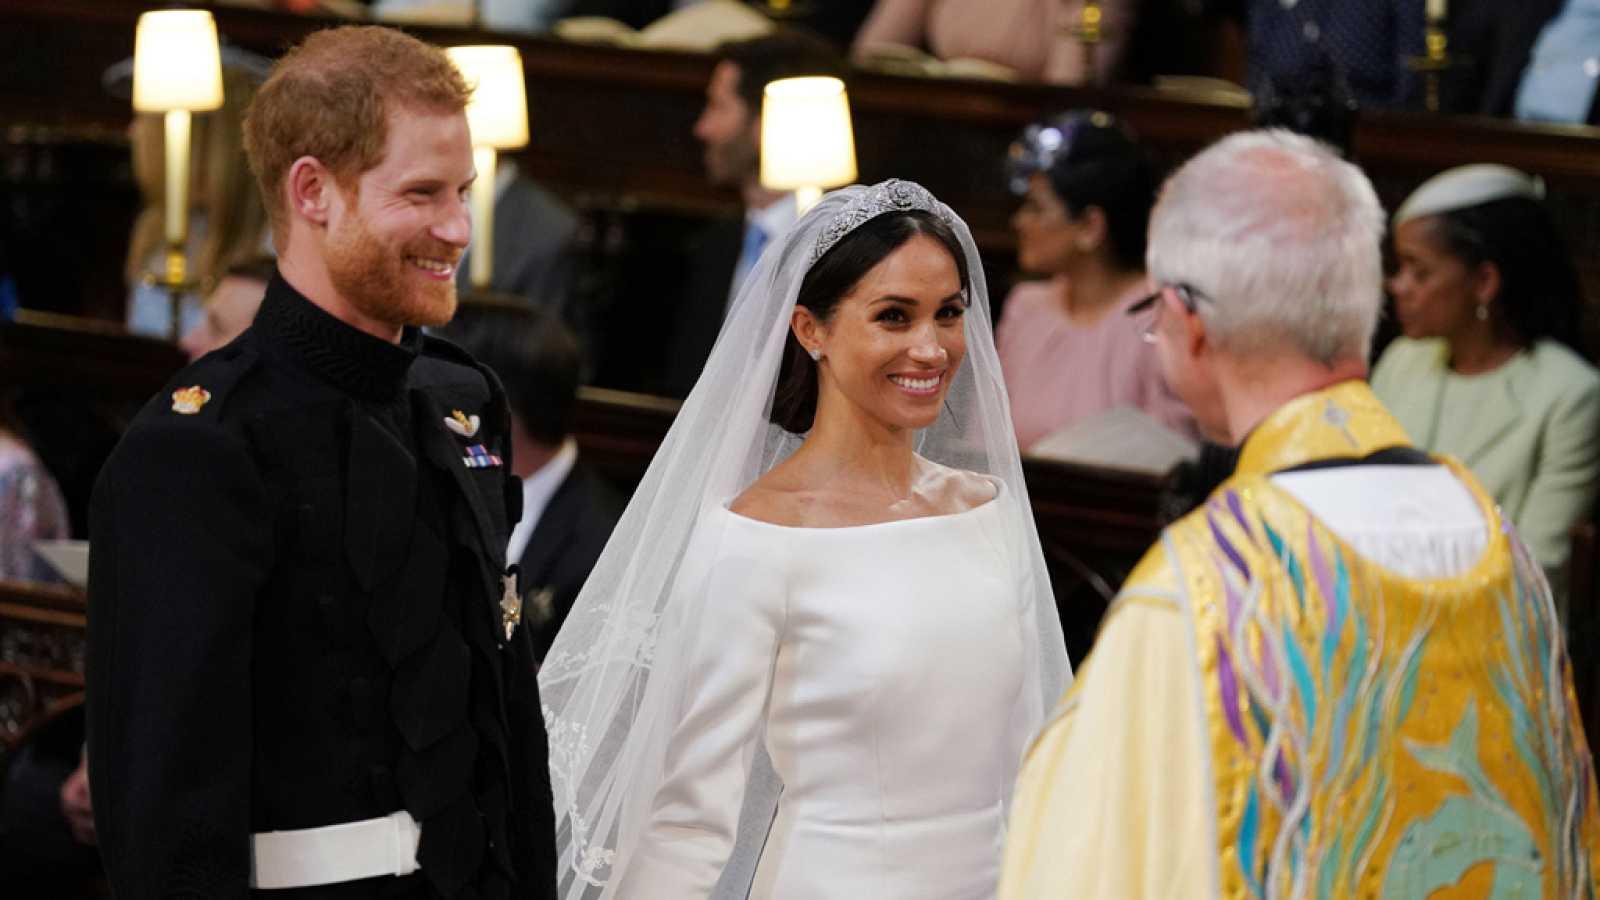 b22aae9f9 Para todos los públicos La ceremonia de la boda del príncipe Enrique y  Meghan Markle reproducir video